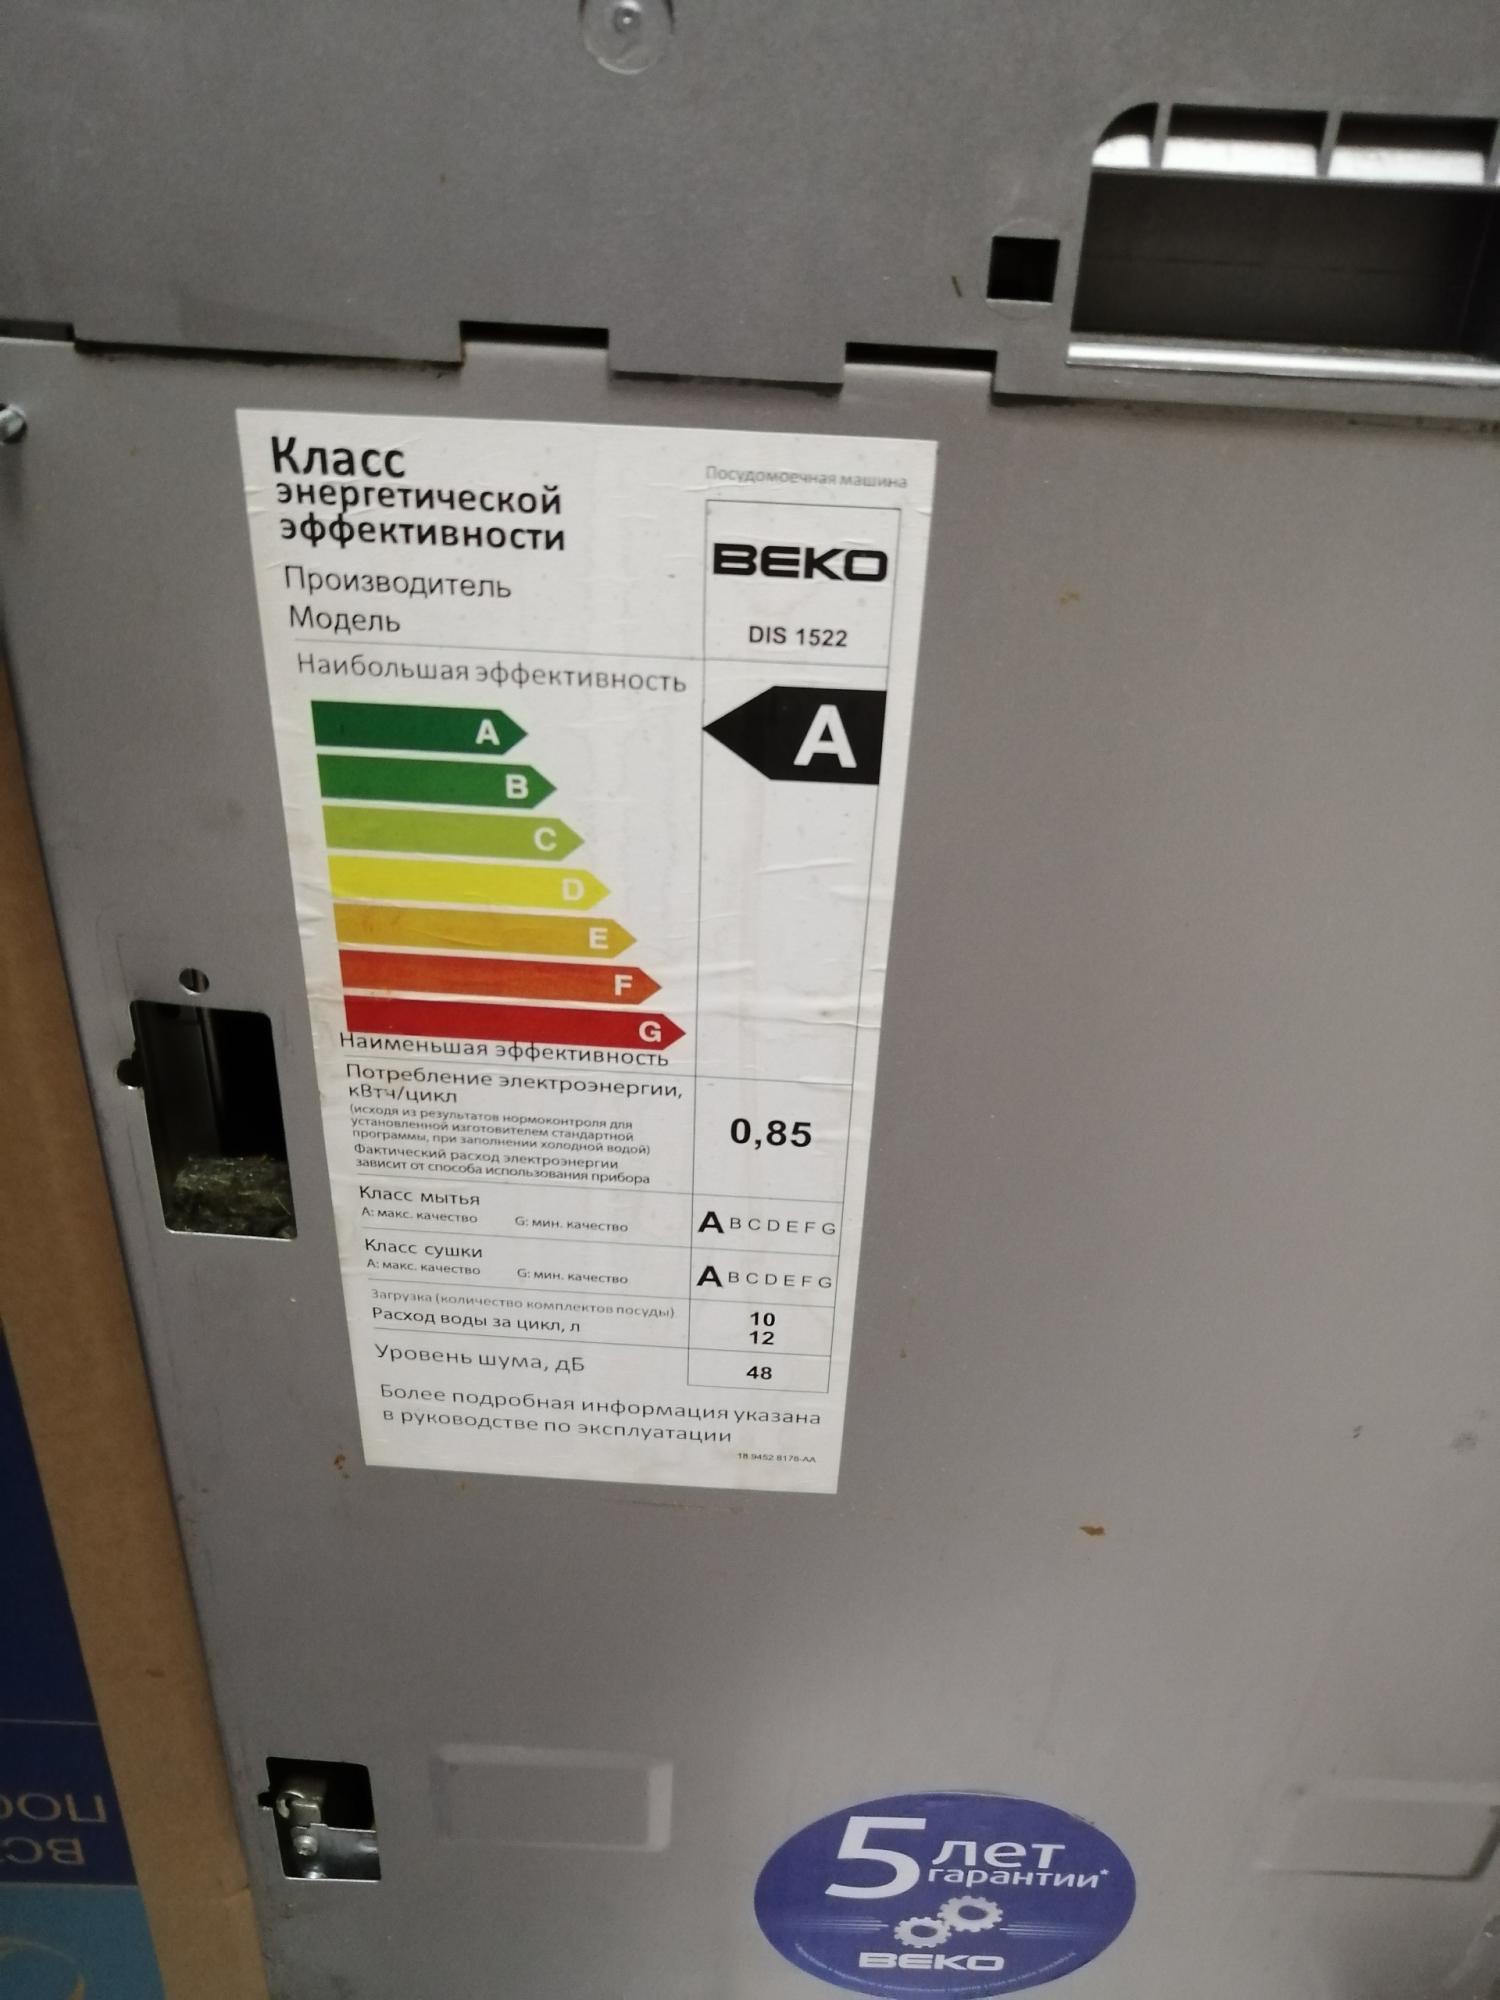 Посудомоечная машина, Beko в Москве 89153743286 купить 1